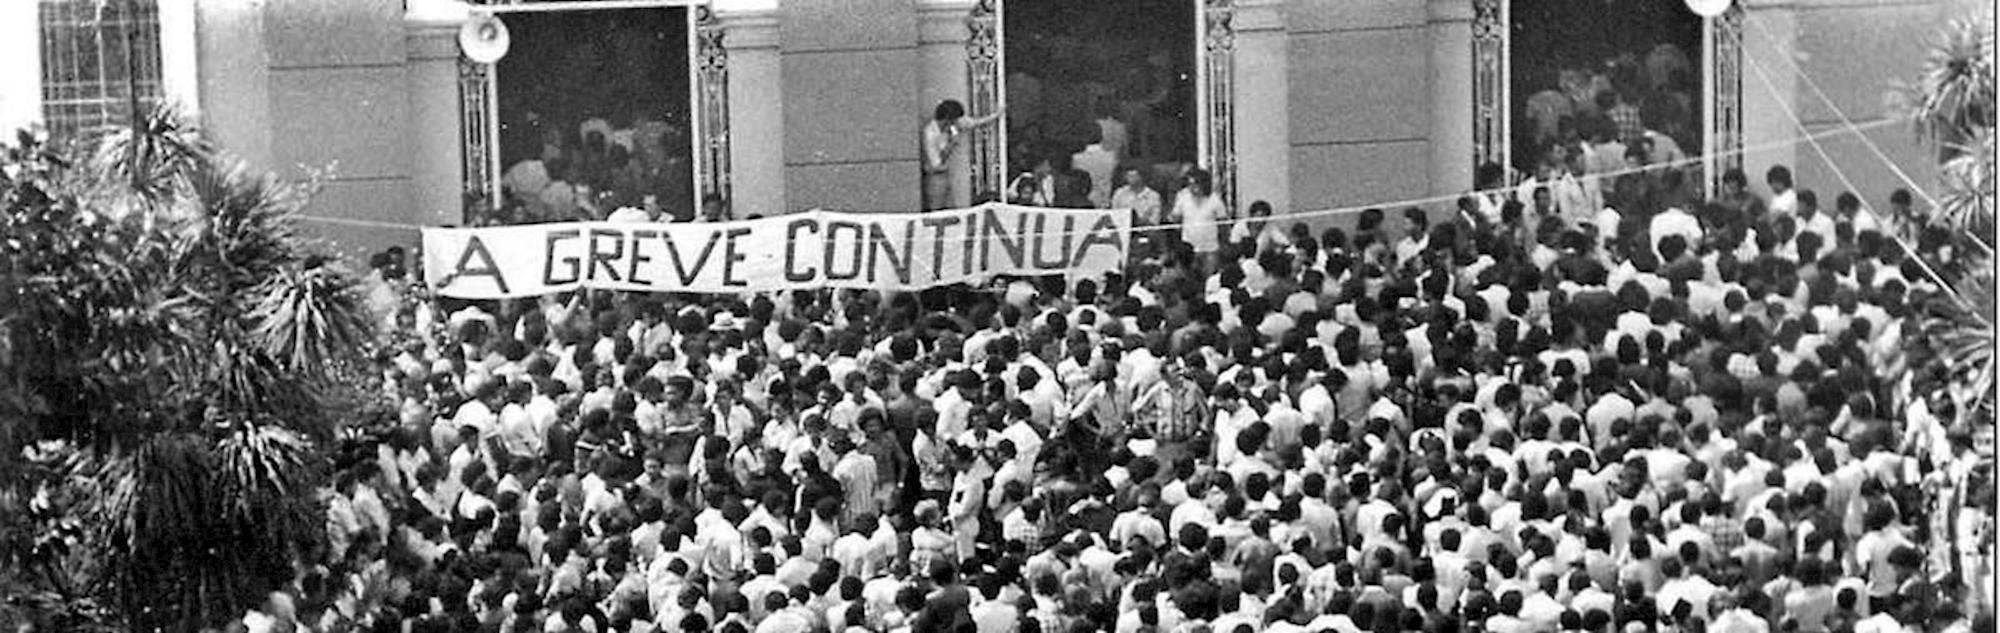 abc, greve, história, volks, Divulgação/SMBC